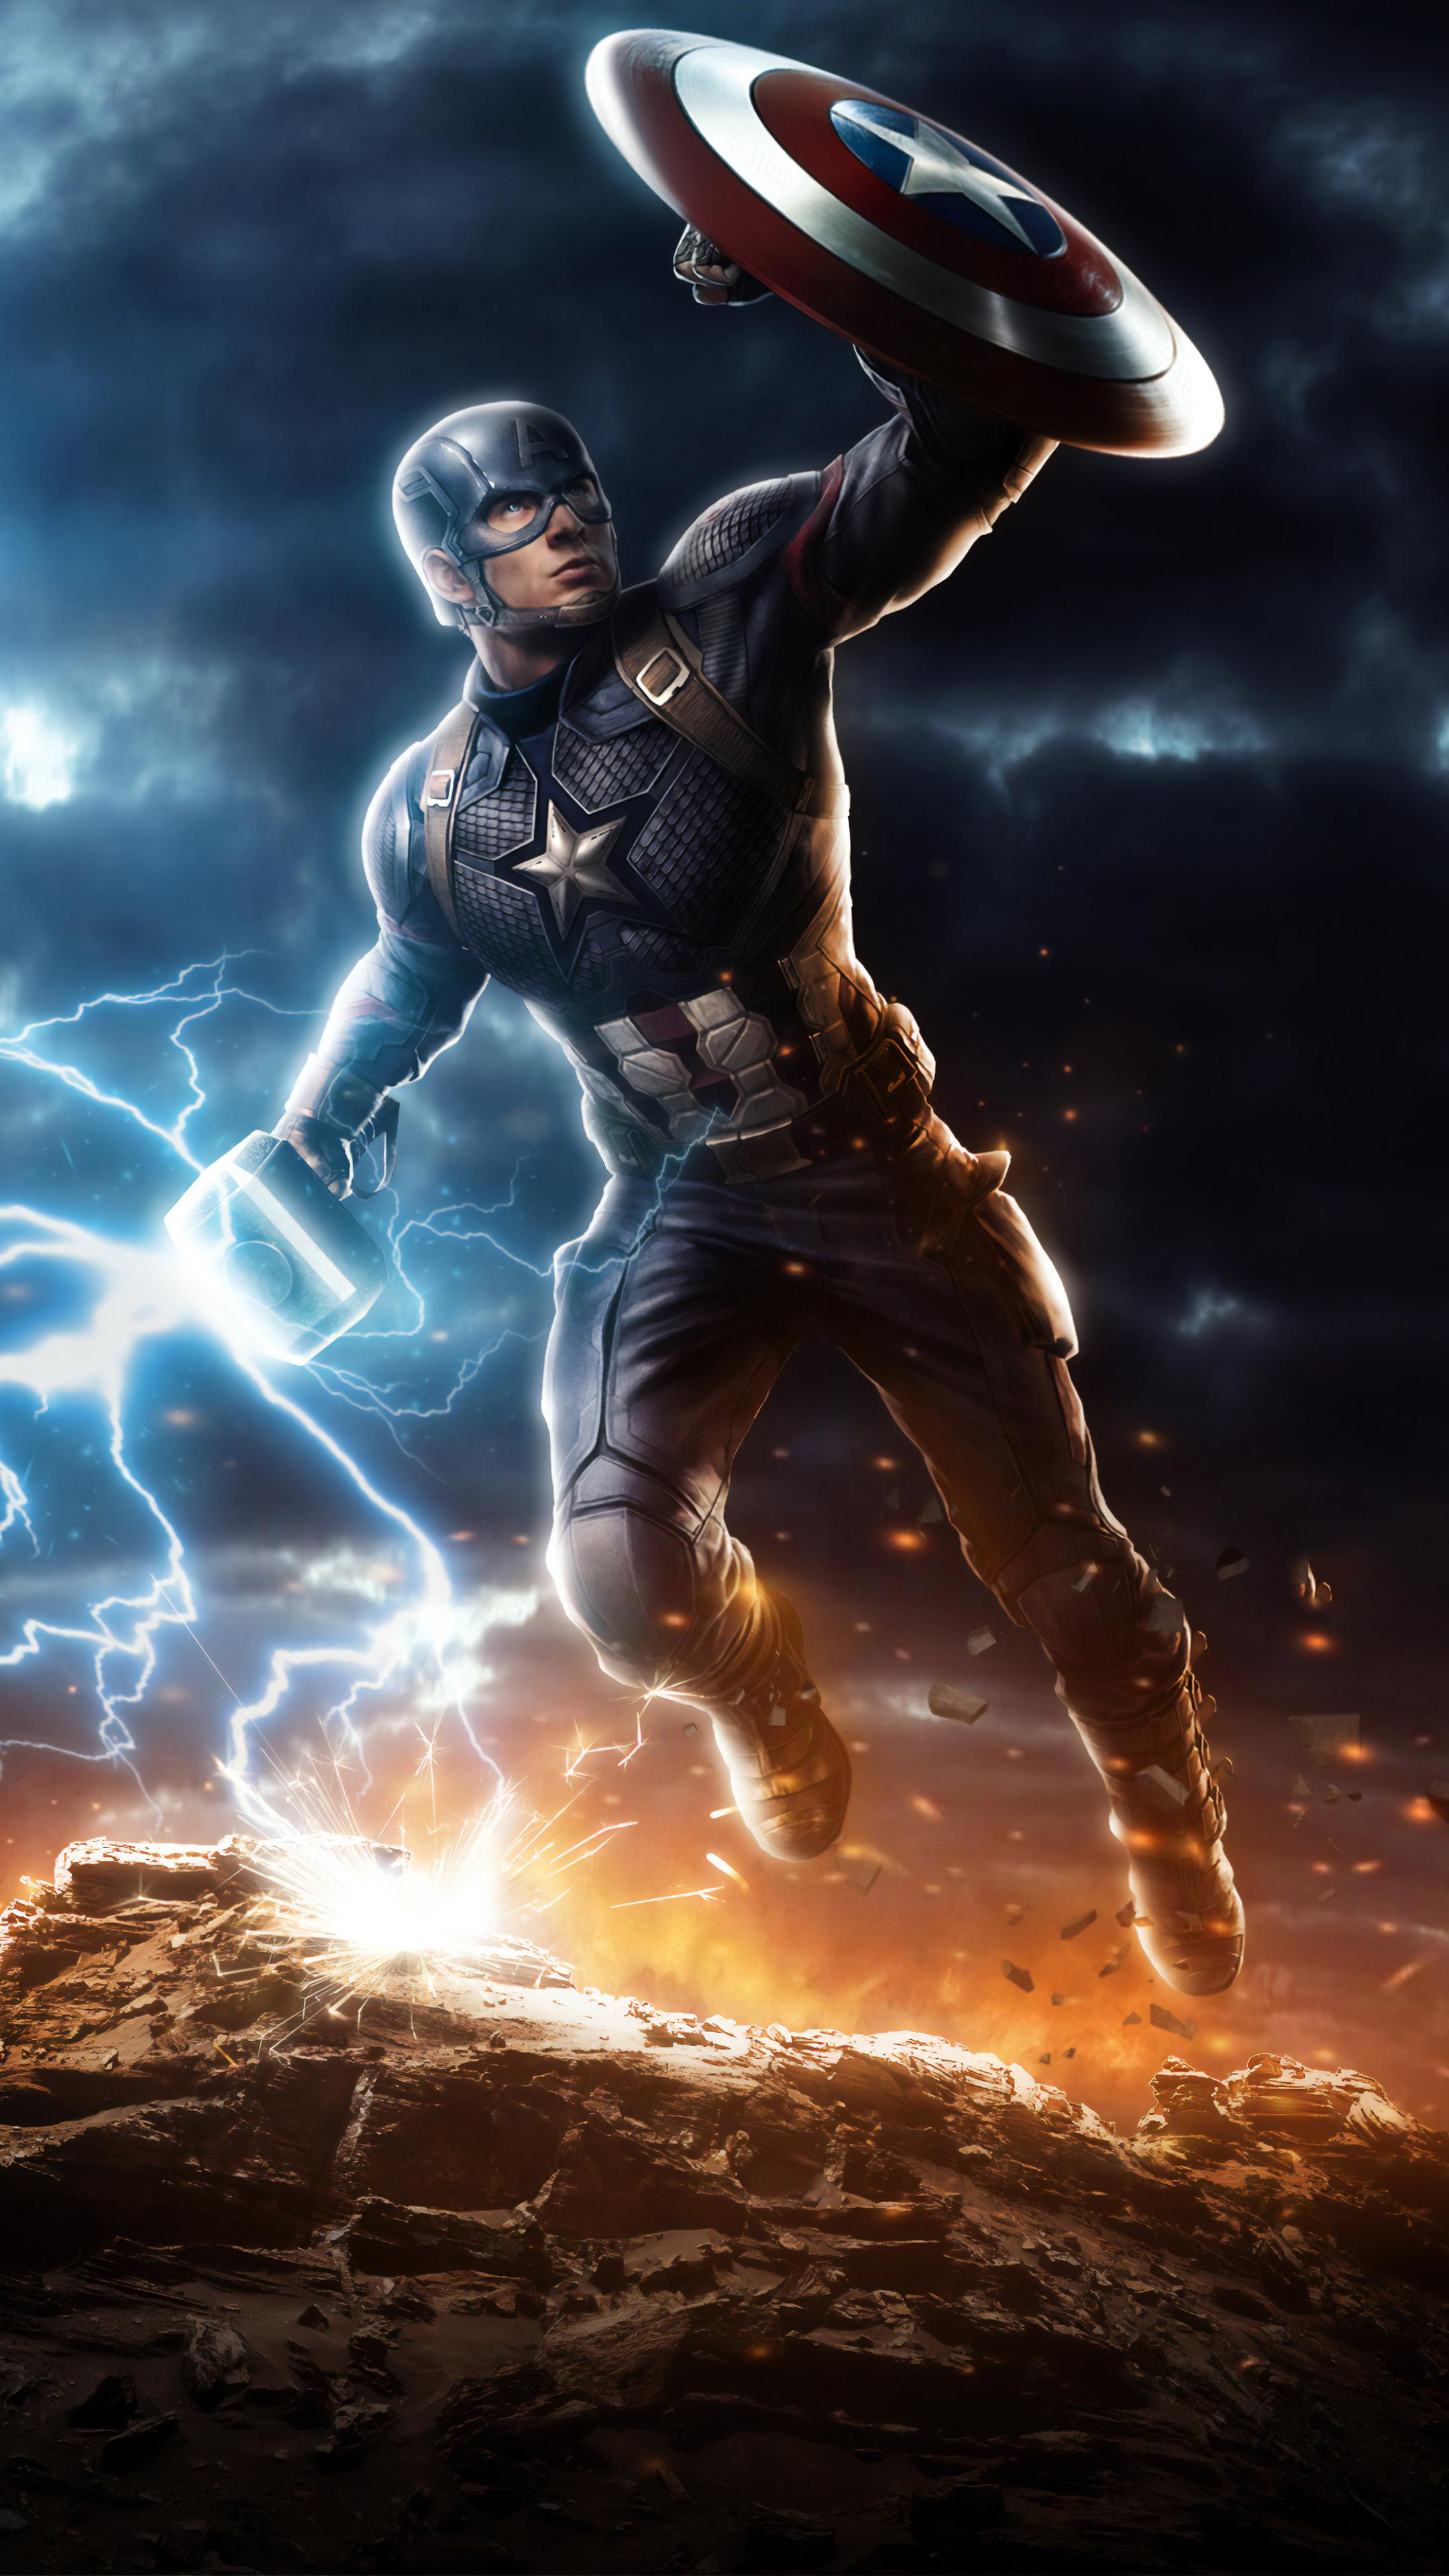 captain-america-mjolnir-avengers-endgame-4k-art-lo.jpg